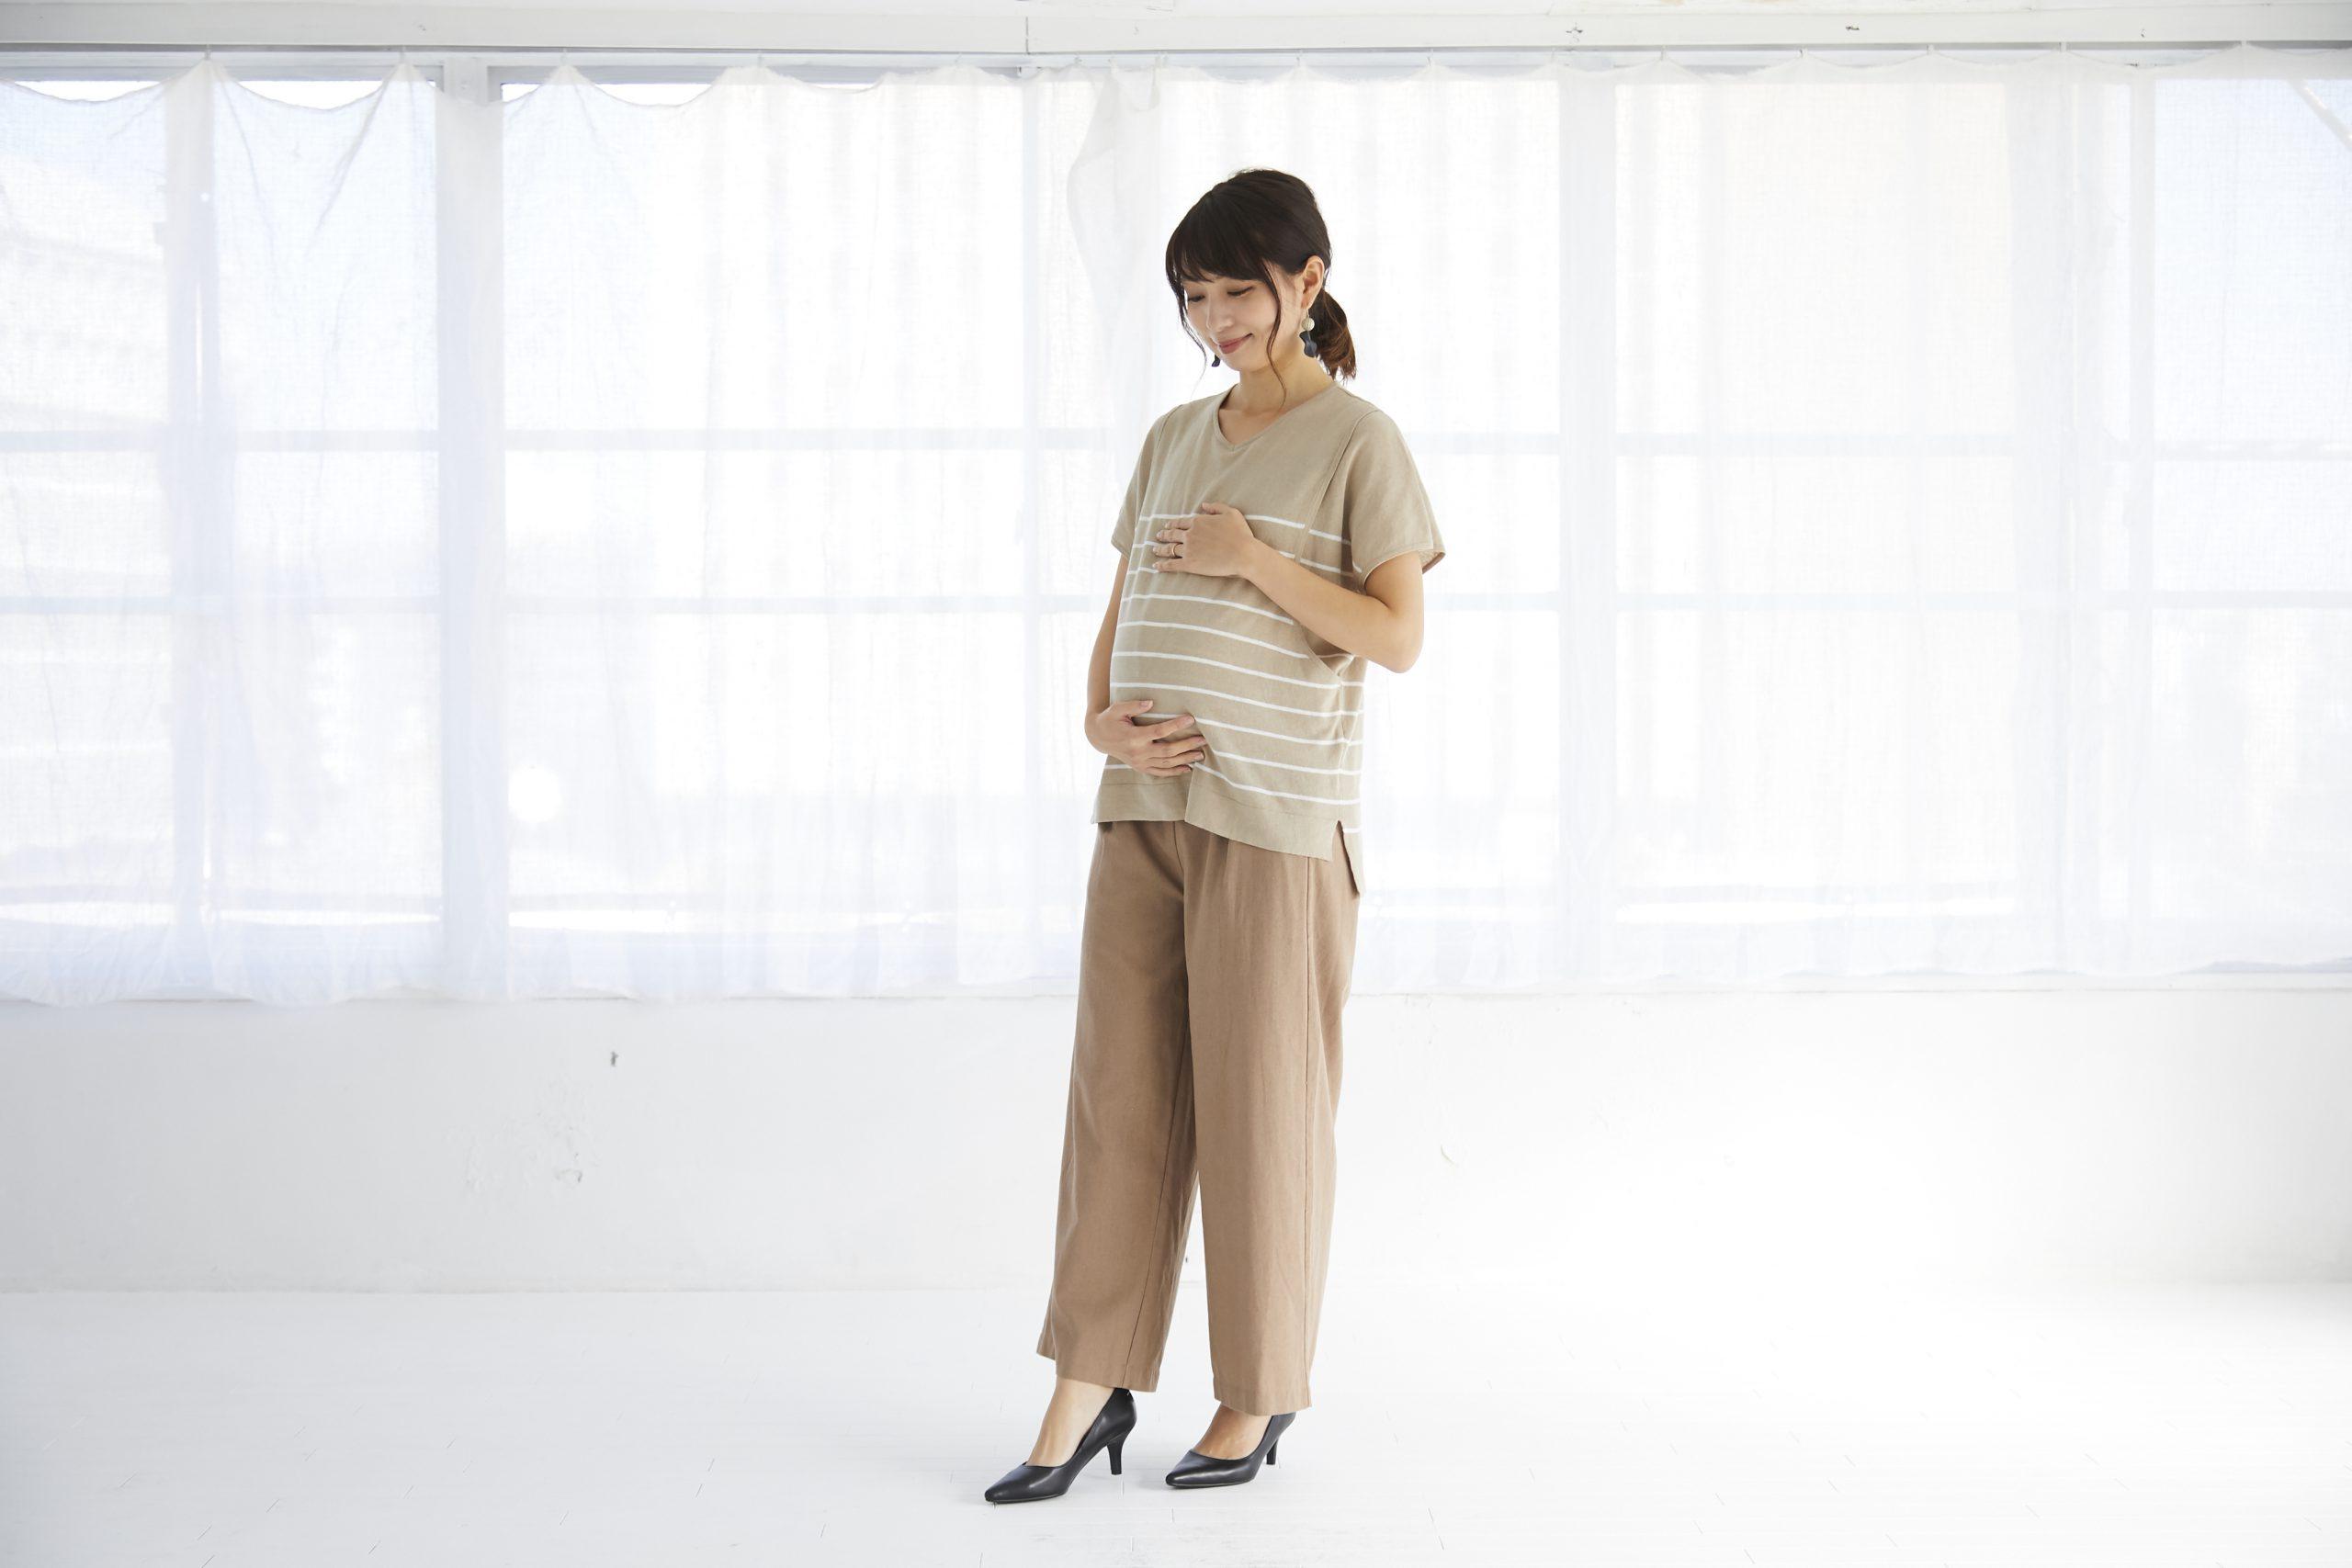 授乳服 授乳 母乳 半袖 サイドスリット、ボーダー コットン100